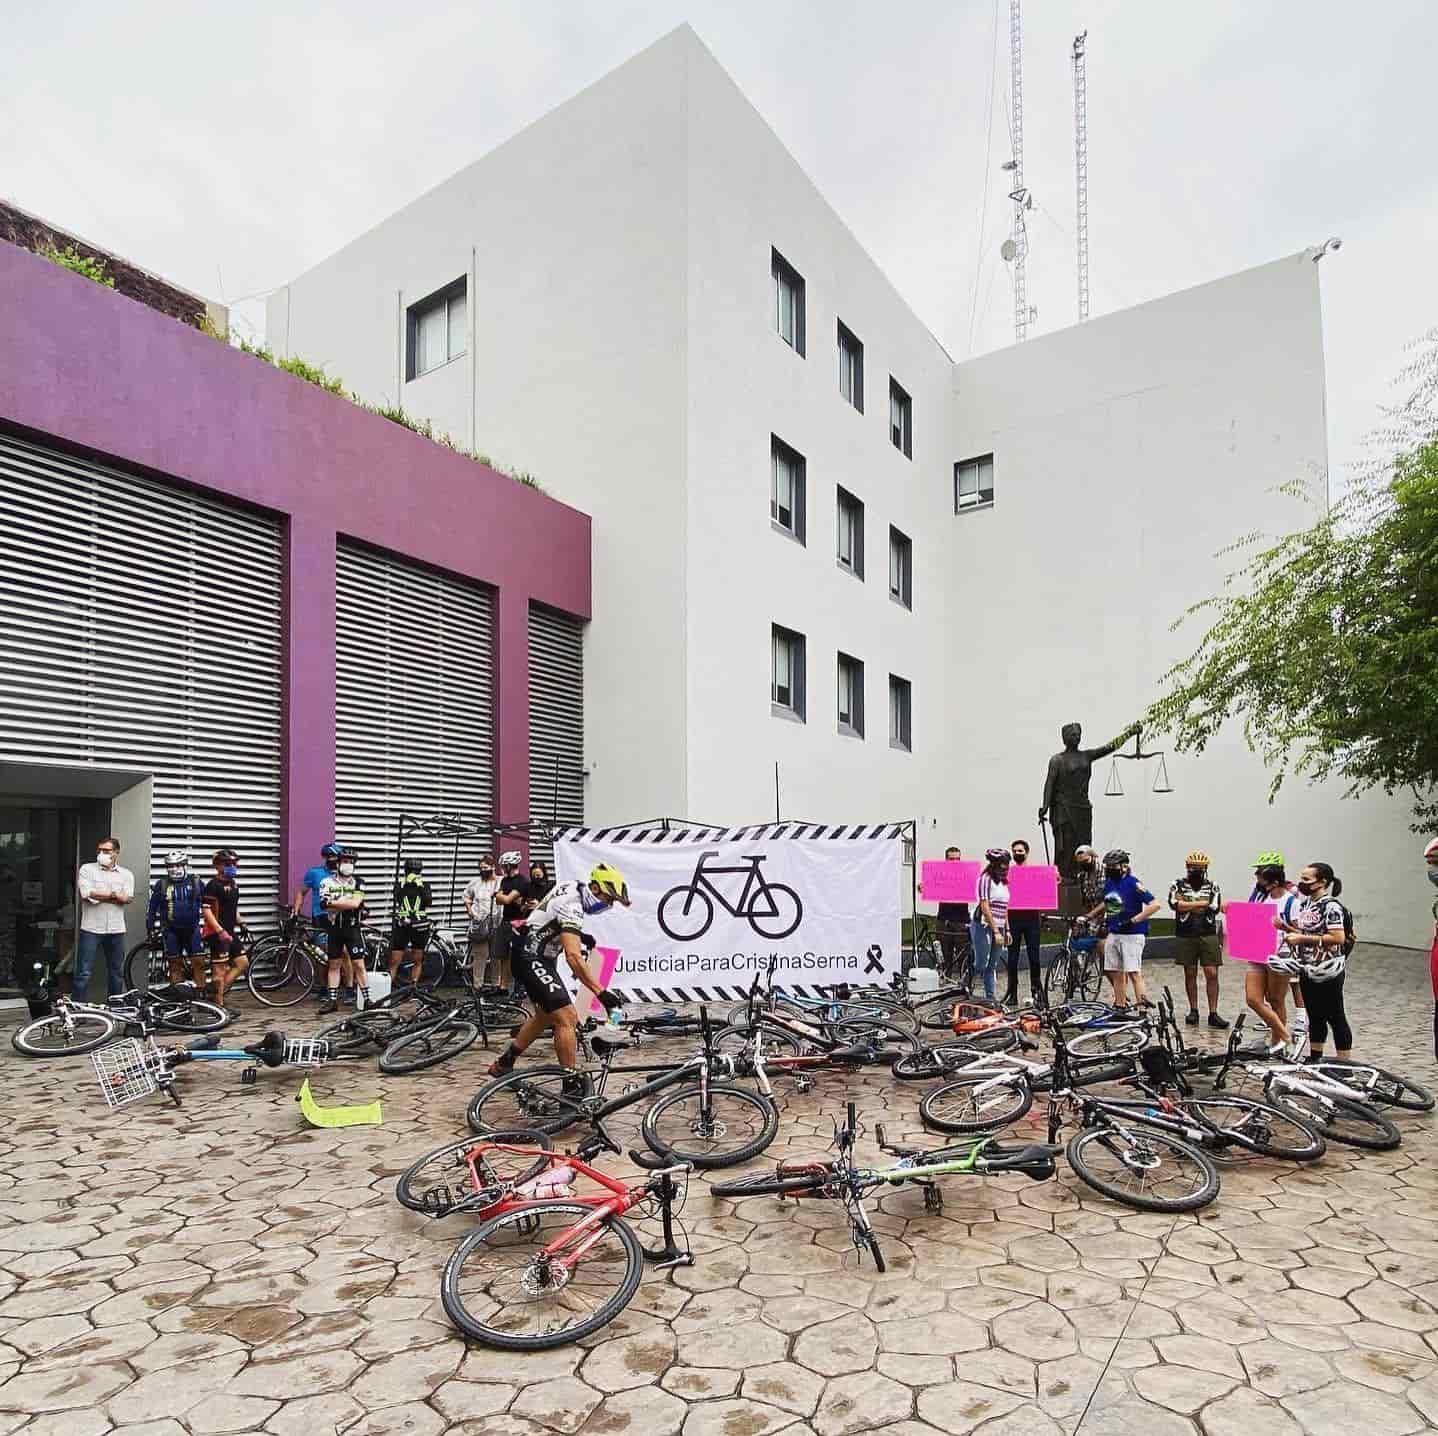 Familiares y amigos de Cristina Serna, formaron un plantón afuera del Palacio de Justicia